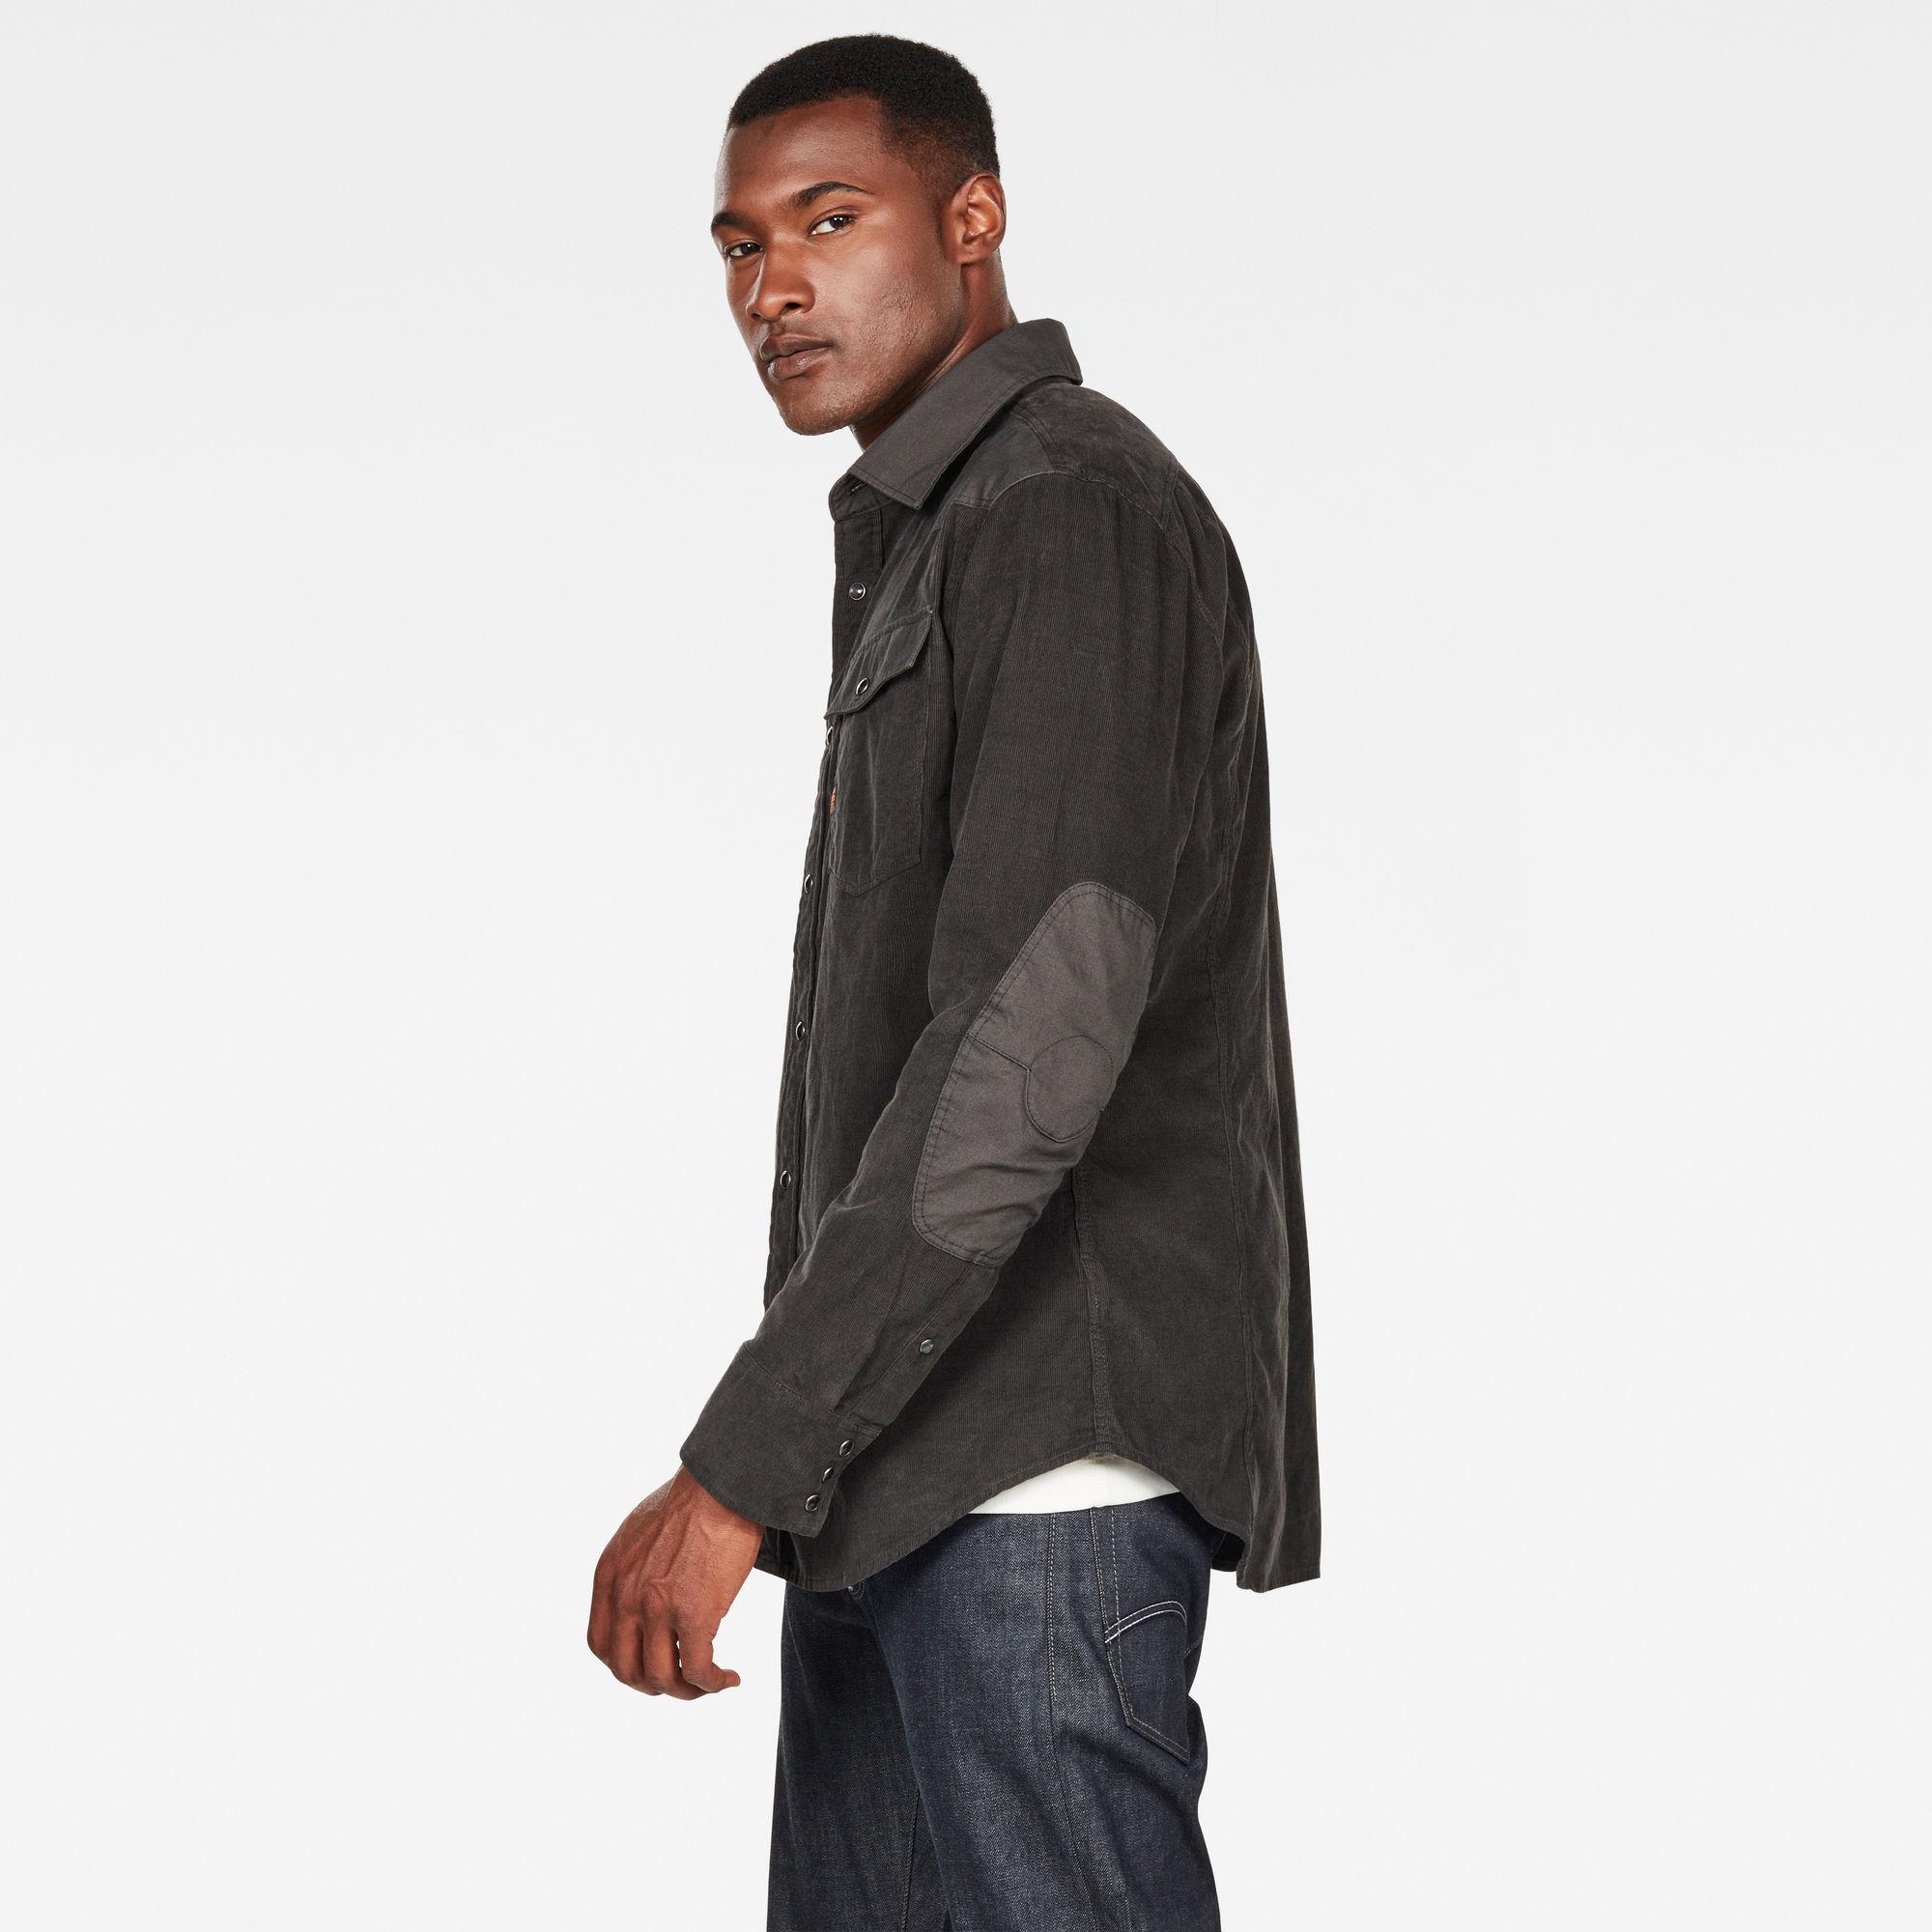 MAXRAW III 3301 Slim Shirt